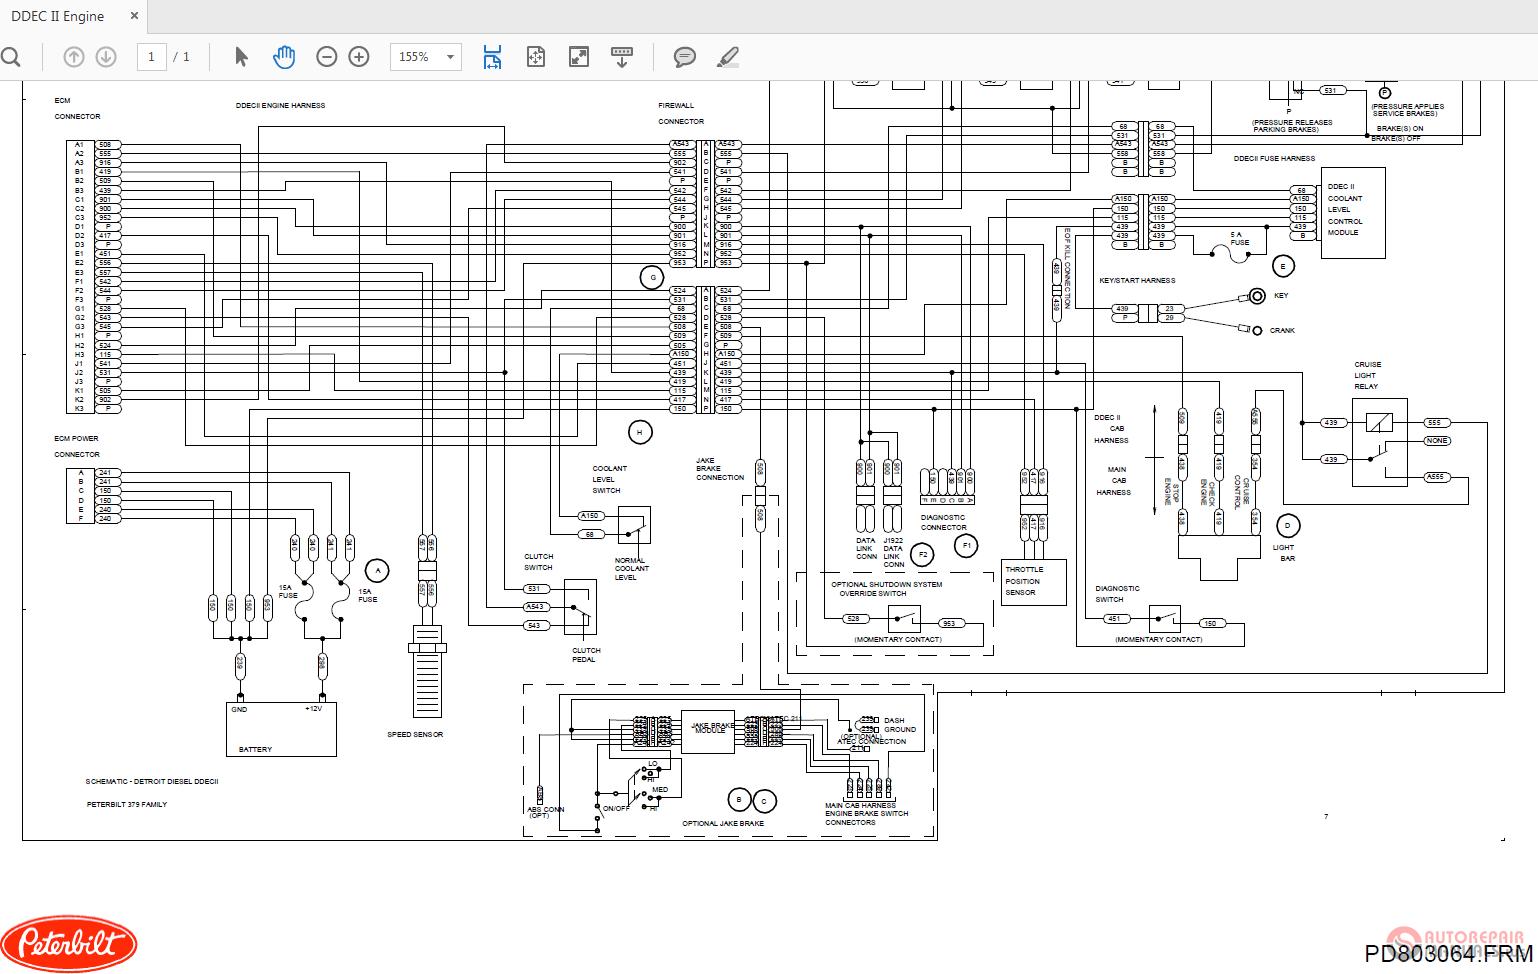 Peterbilt Ddec Ii Sk20627 Engine Wiring Diagrams